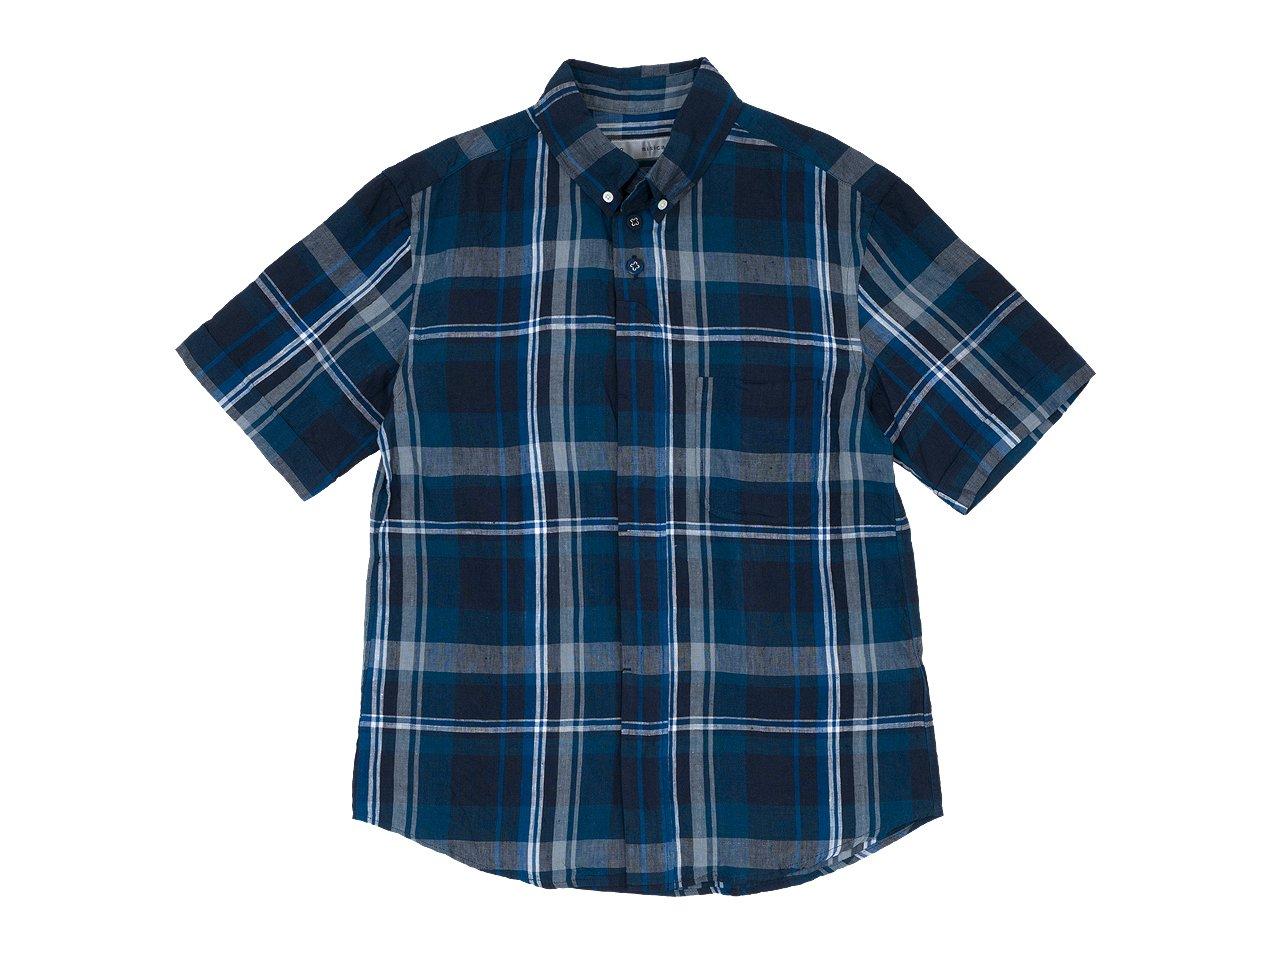 nisica ボタンダウンシャツ 半袖 チェック NAVY CHECK